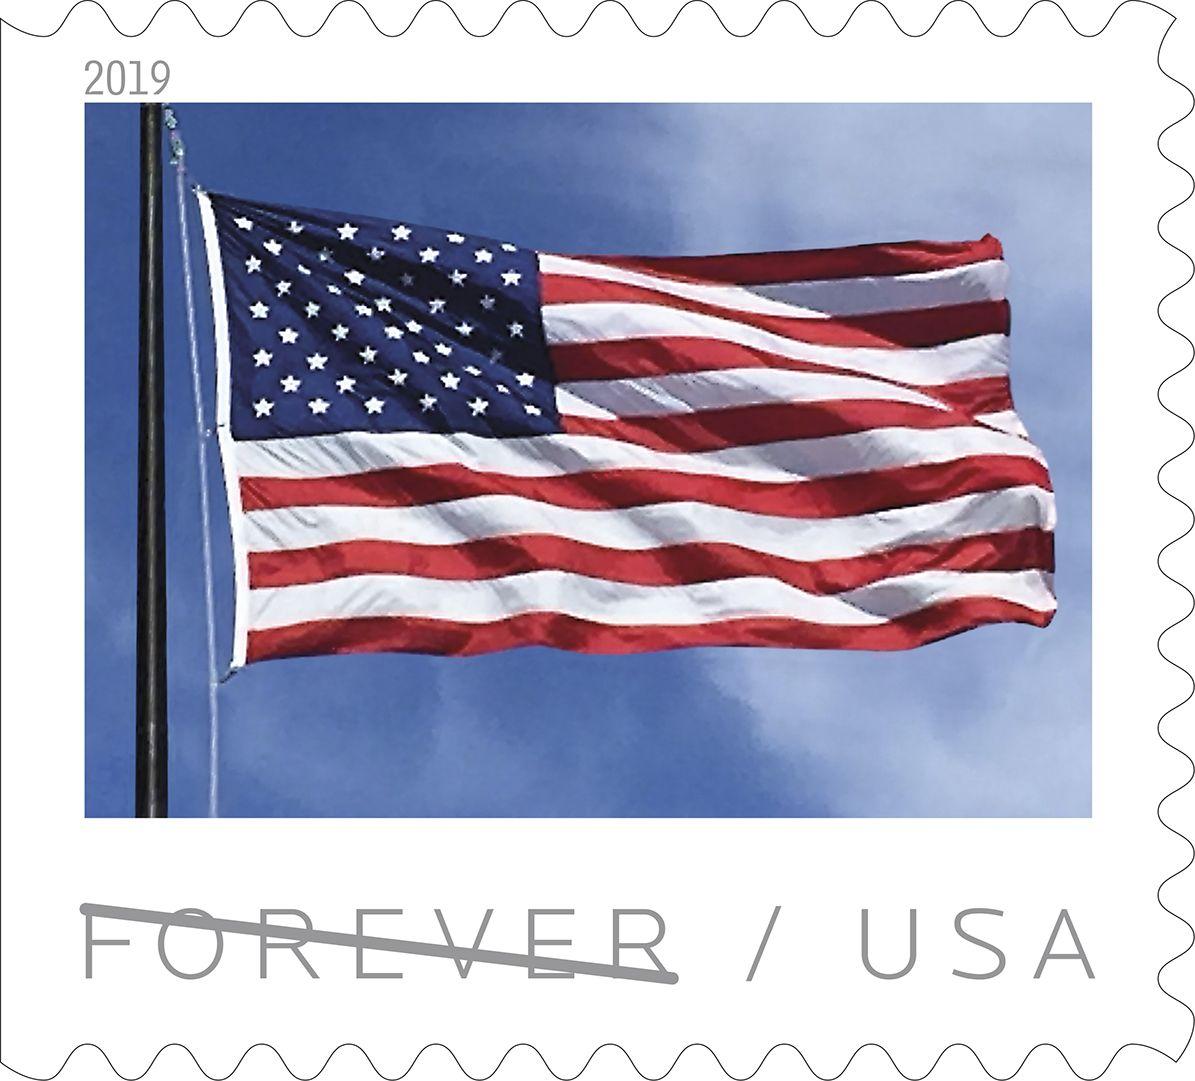 U.S. Flag - January 27, 2019